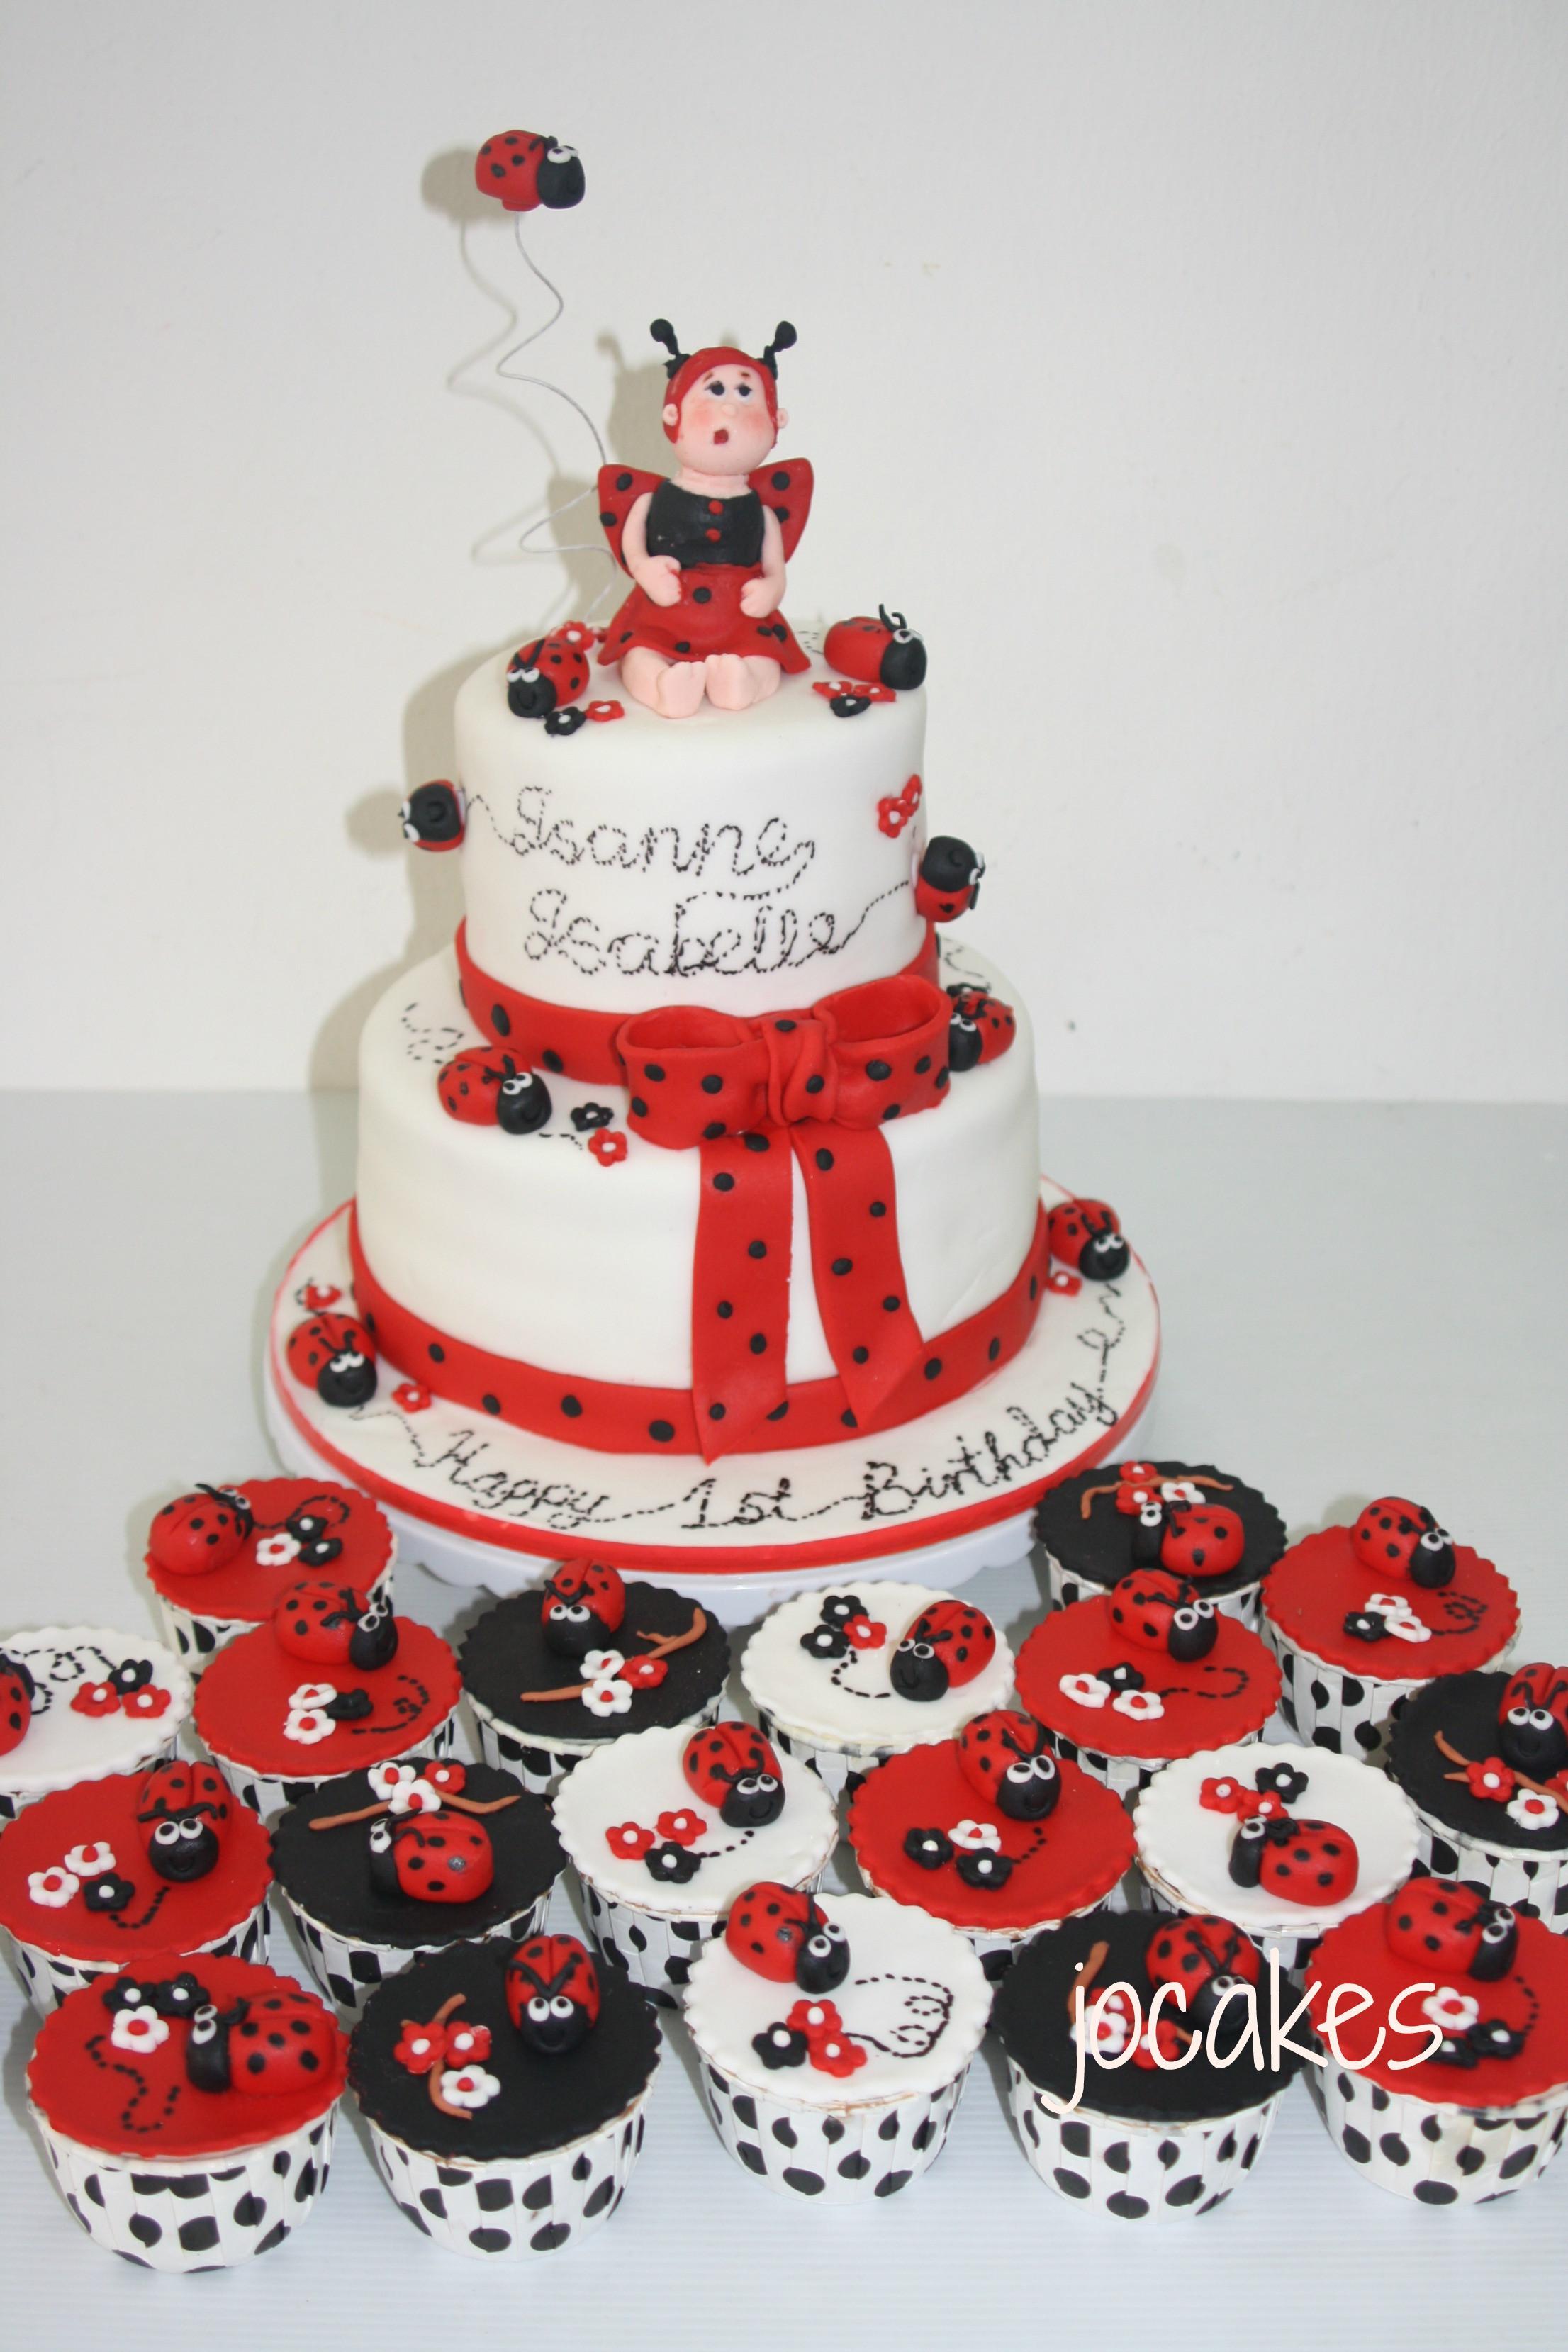 Best ideas about Ladybug Birthday Cake . Save or Pin Ladybug cake Now.